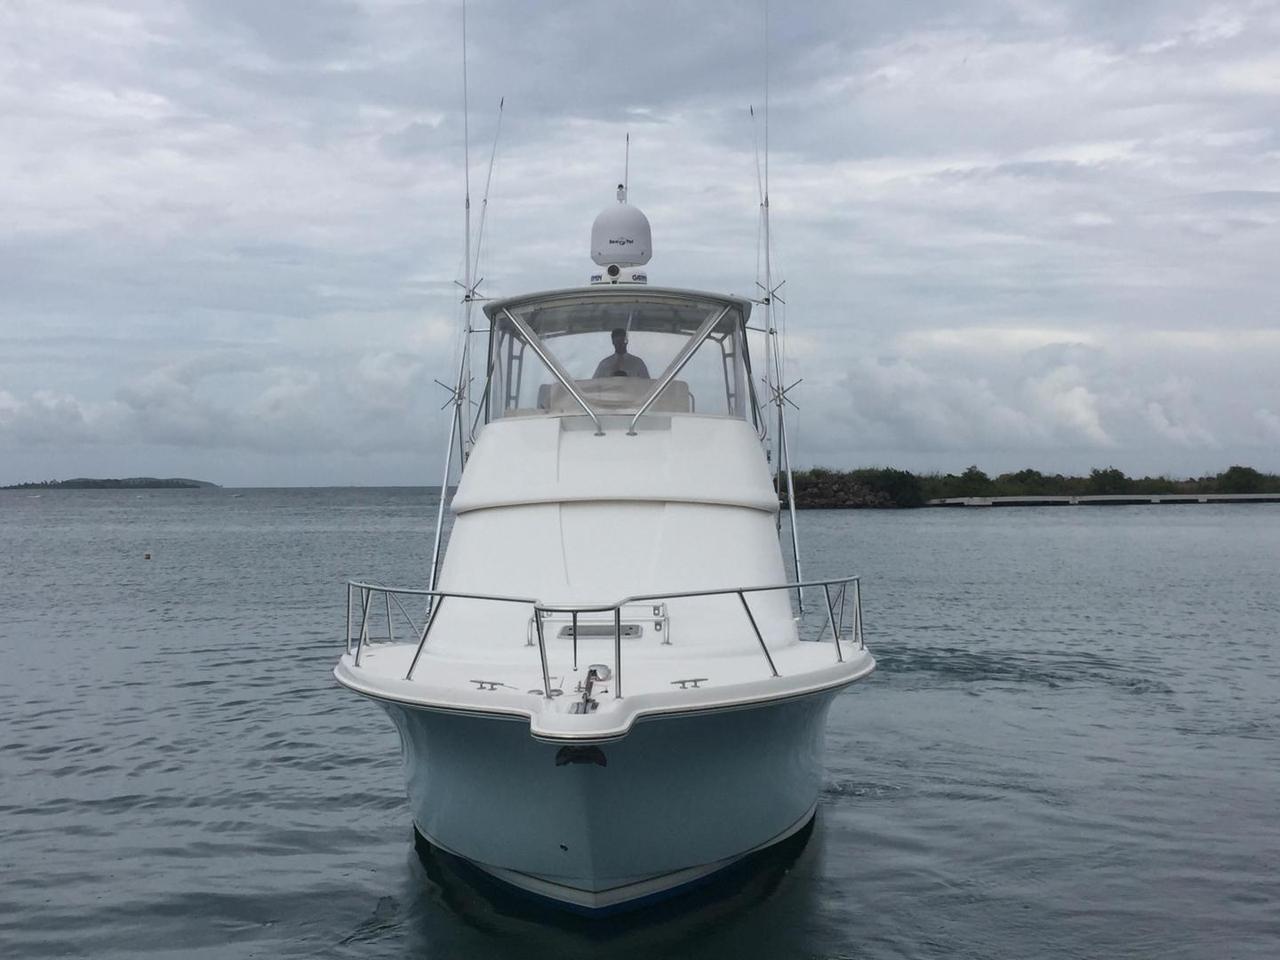 2007 used tiara 3900 convertible saltwater fishing boat for Saltwater fishing boats for sale